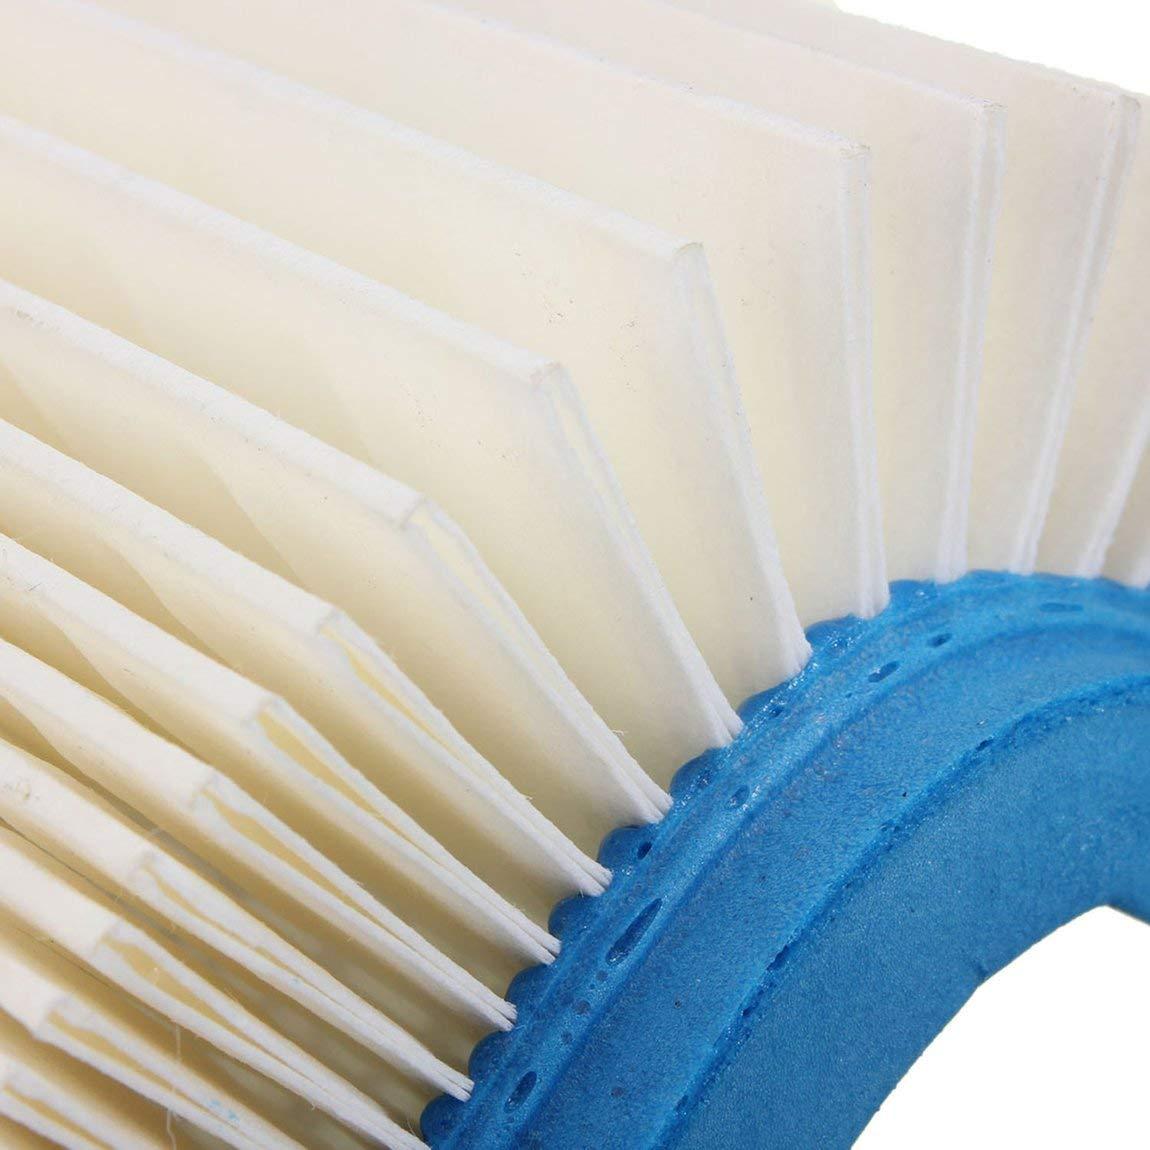 2 St/ücke Luftfilter F/ür Tecumseh 36046 740061 Craftsman 33325 Motoren Rasenm/äher farbe: Blue /& White